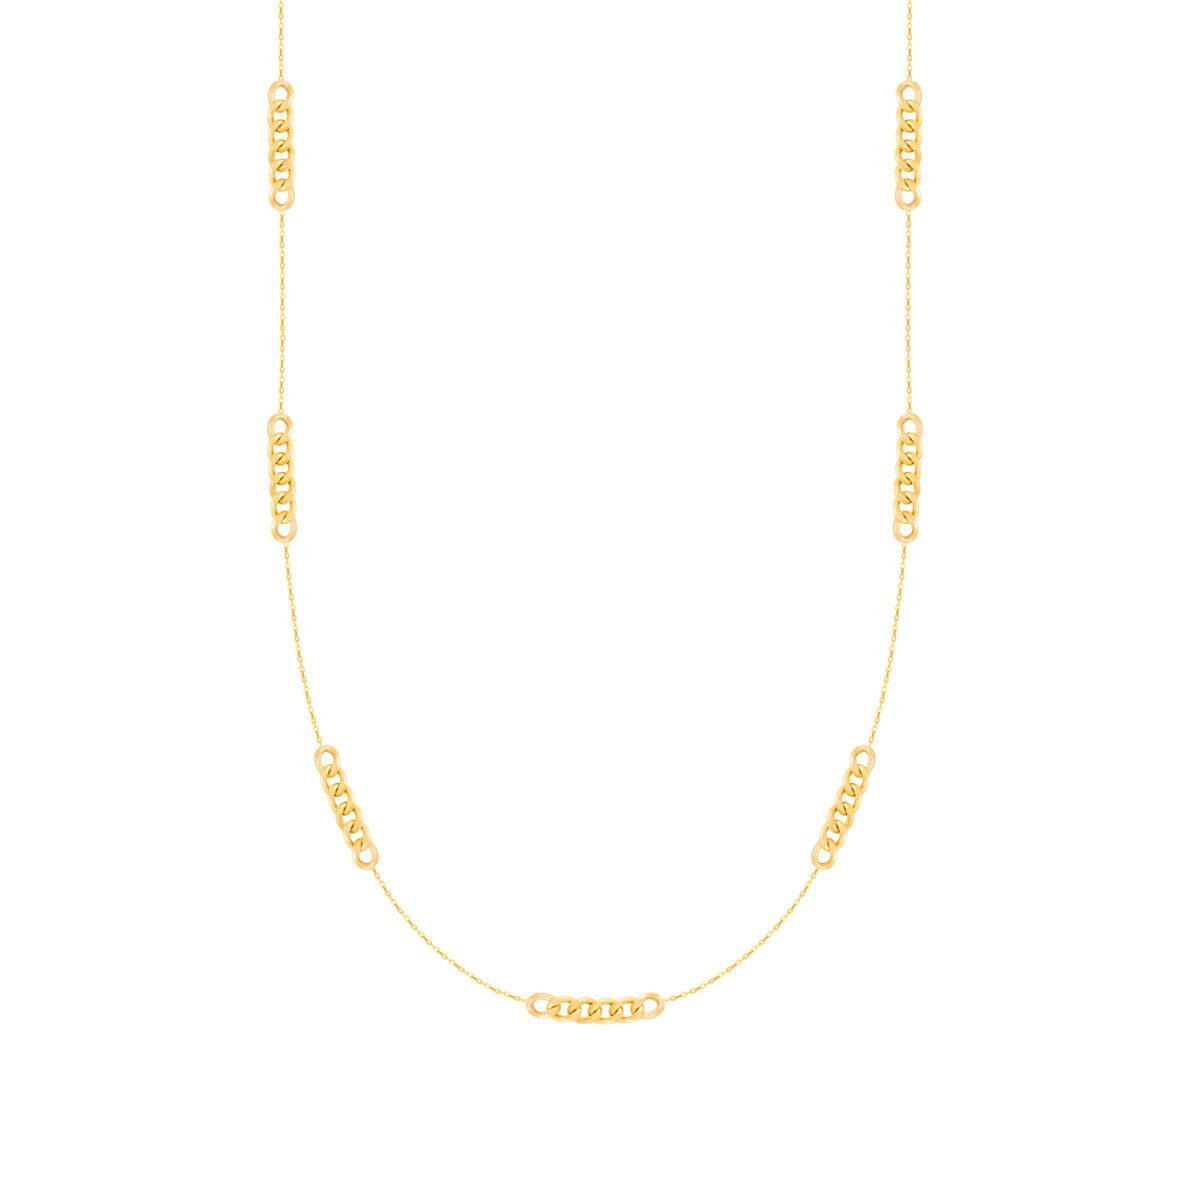 زنجیر گردنبند طلا کارتیه و فلامینگو